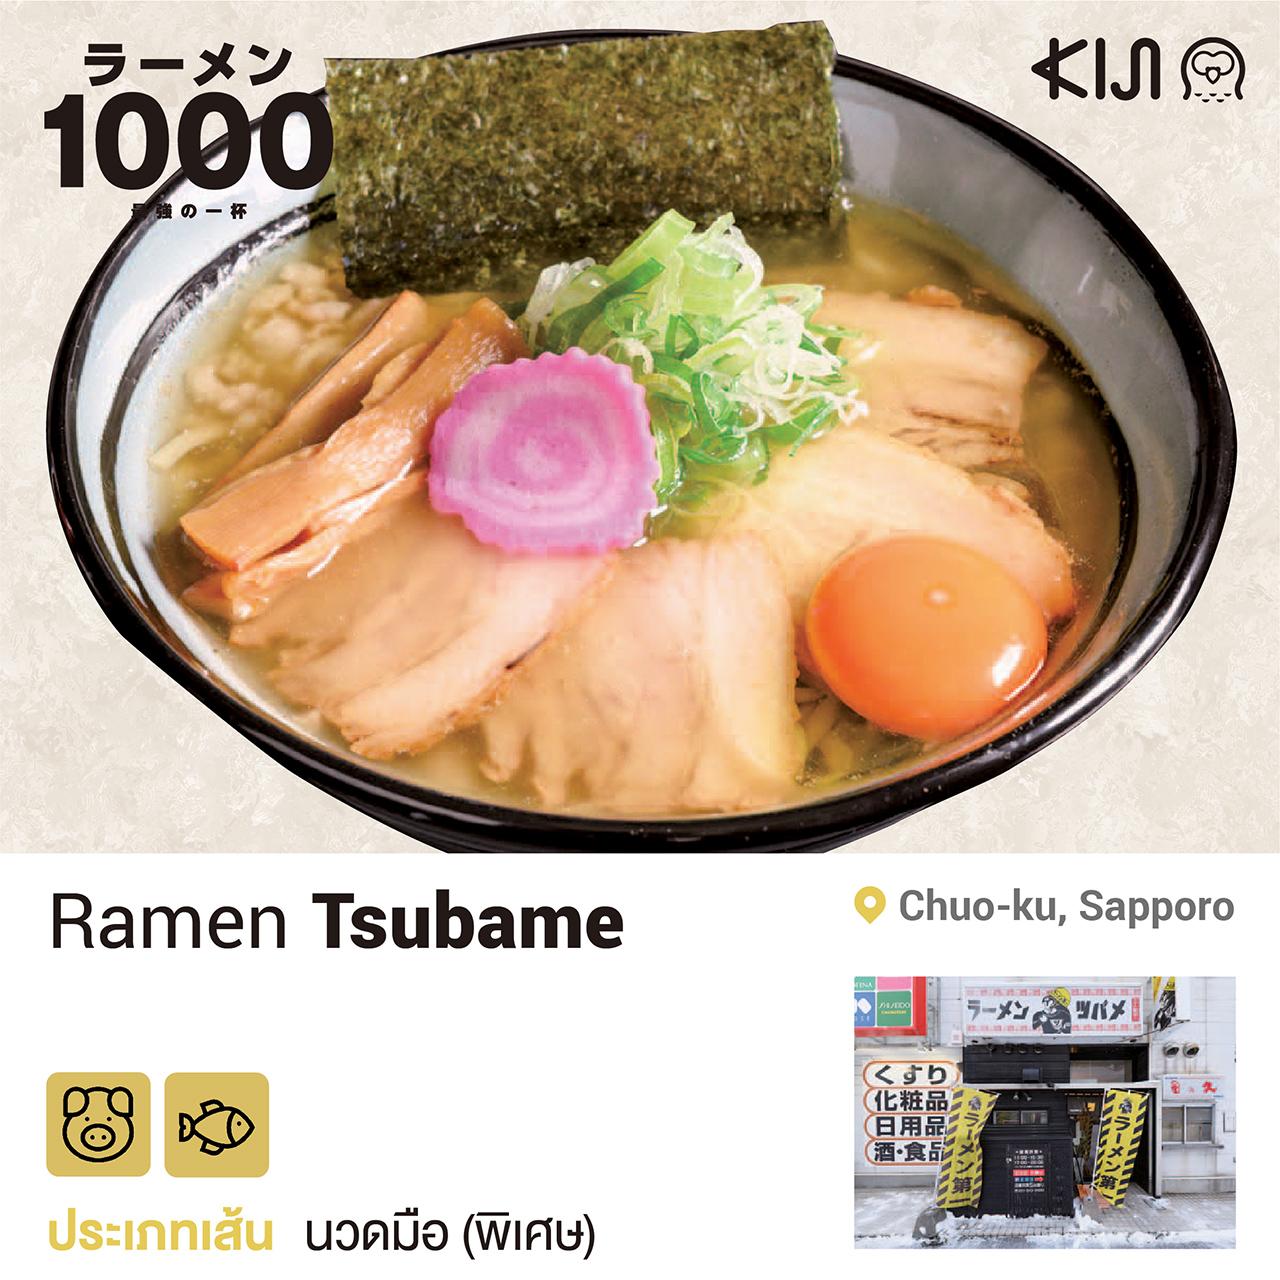 ร้านราเมน เขตชูโอ เมืองซัปโปโร จ.ฮอกไกโด - Ramen Tsubame